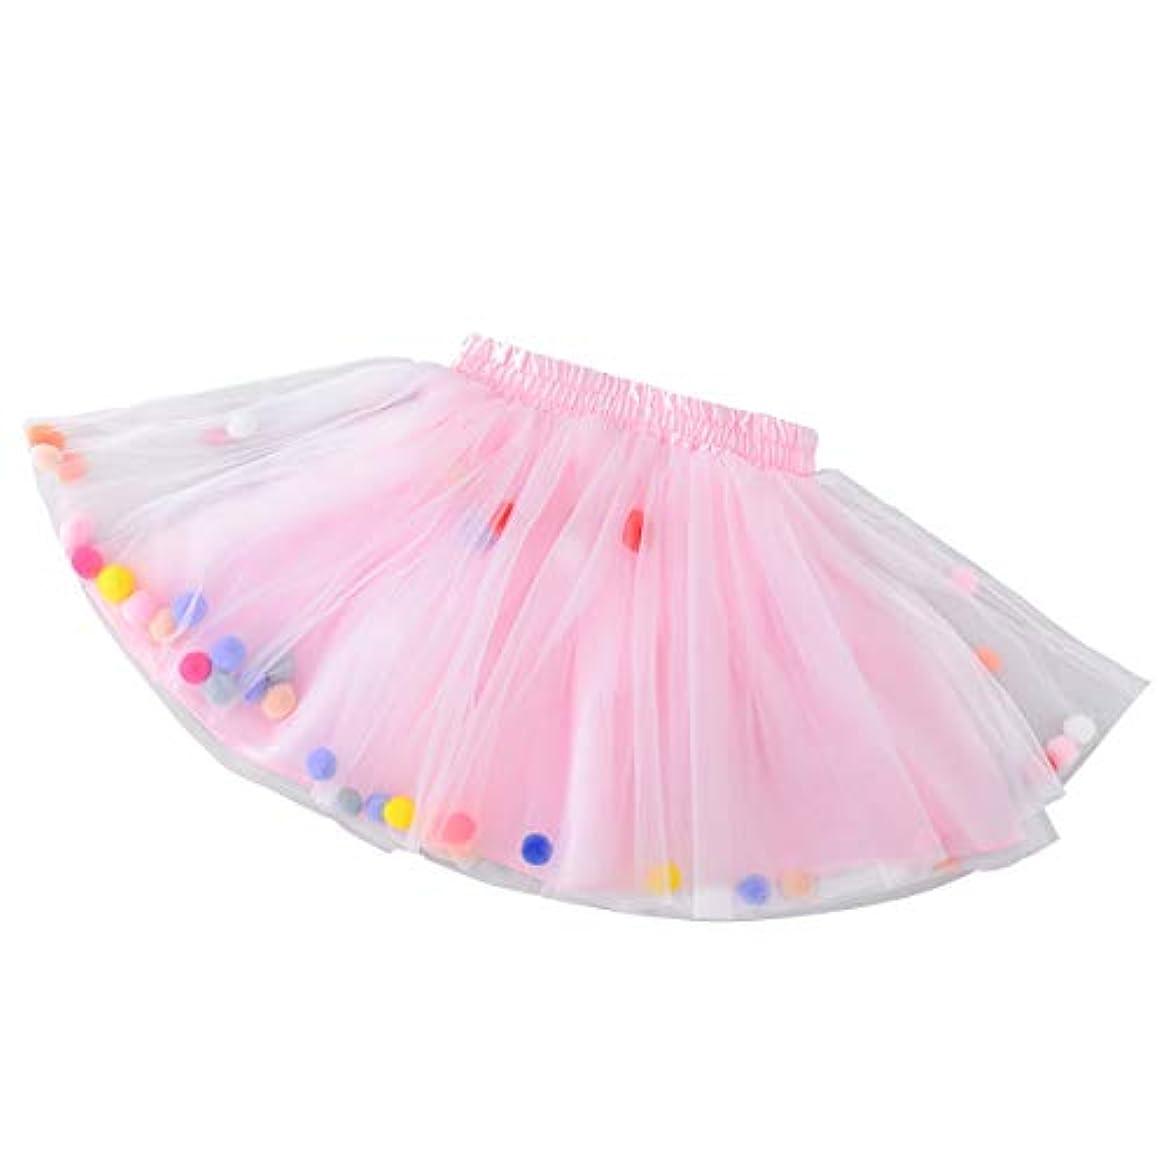 任意ワットタクシーYeahiBaby 子供チュチュスカートラブリーピンクミディスカートカラフルなファジーボールガーゼスカートプリンセスドレス衣装用女の子(サイズxl)